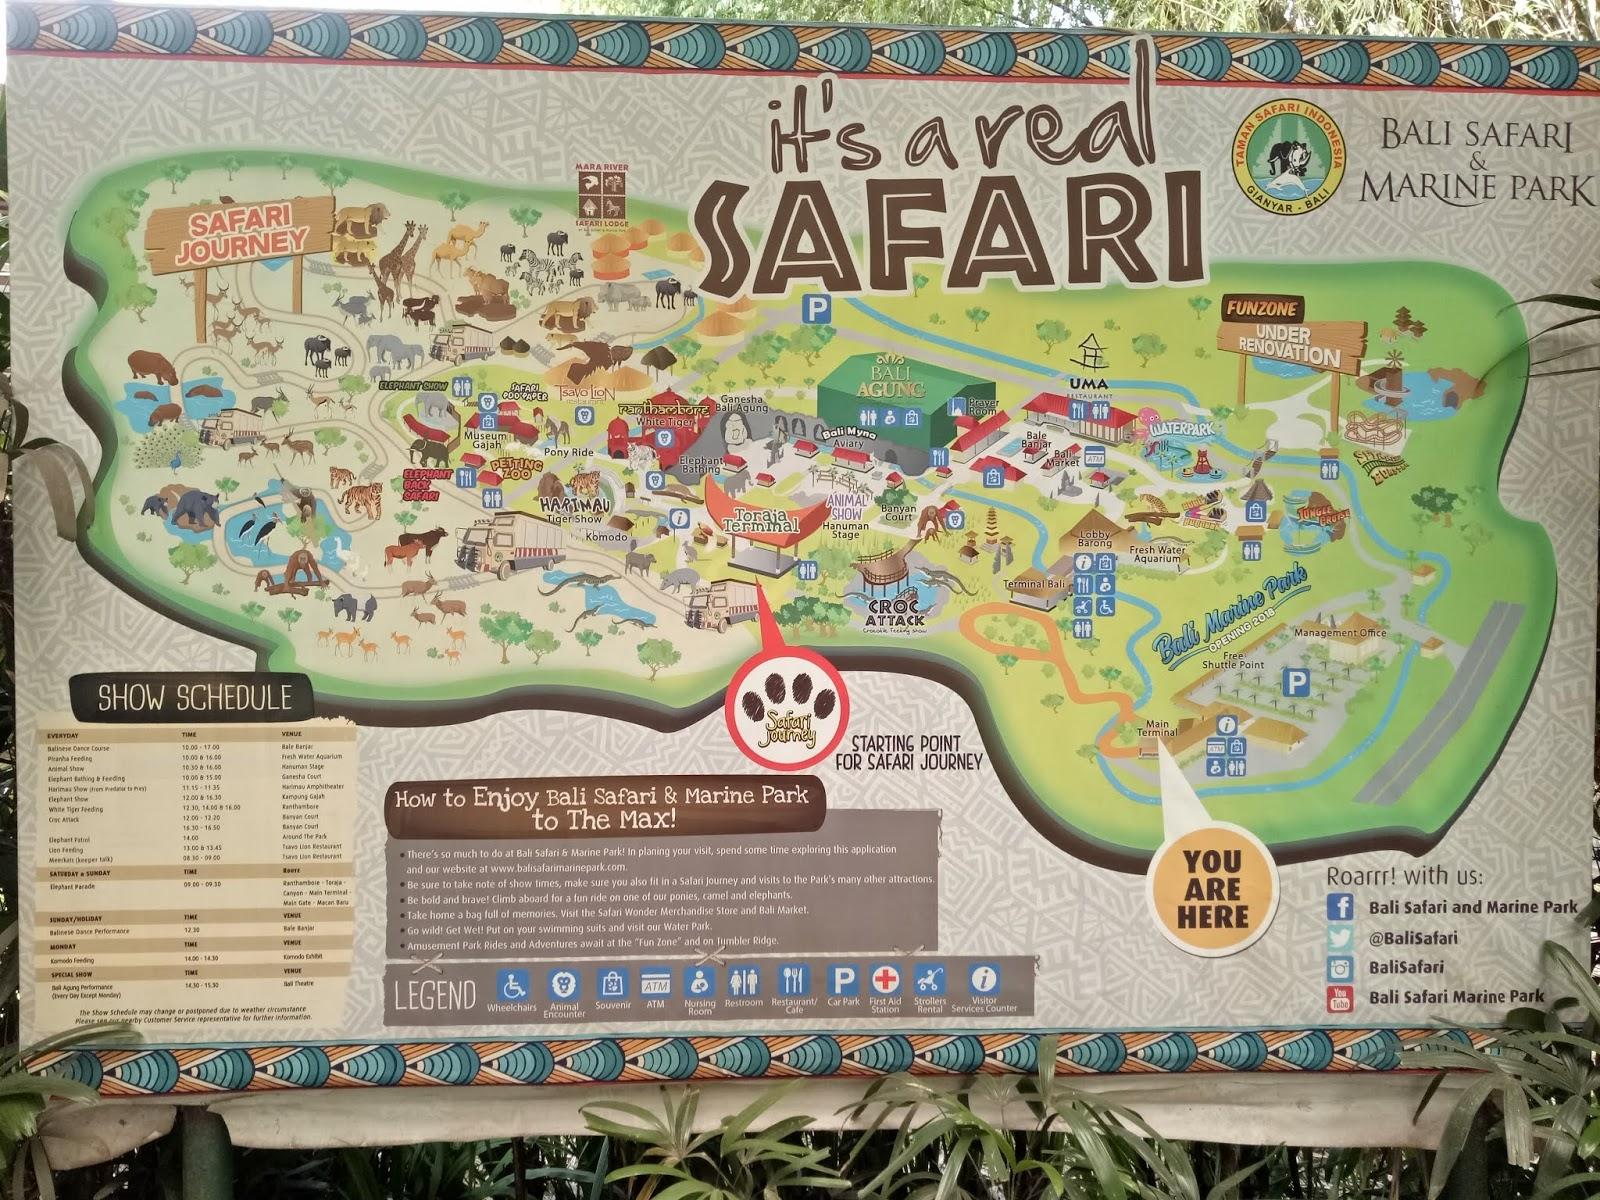 Wisata Ke Taman Safari Dan Bali Safari And Marine Park Apa Bedanya